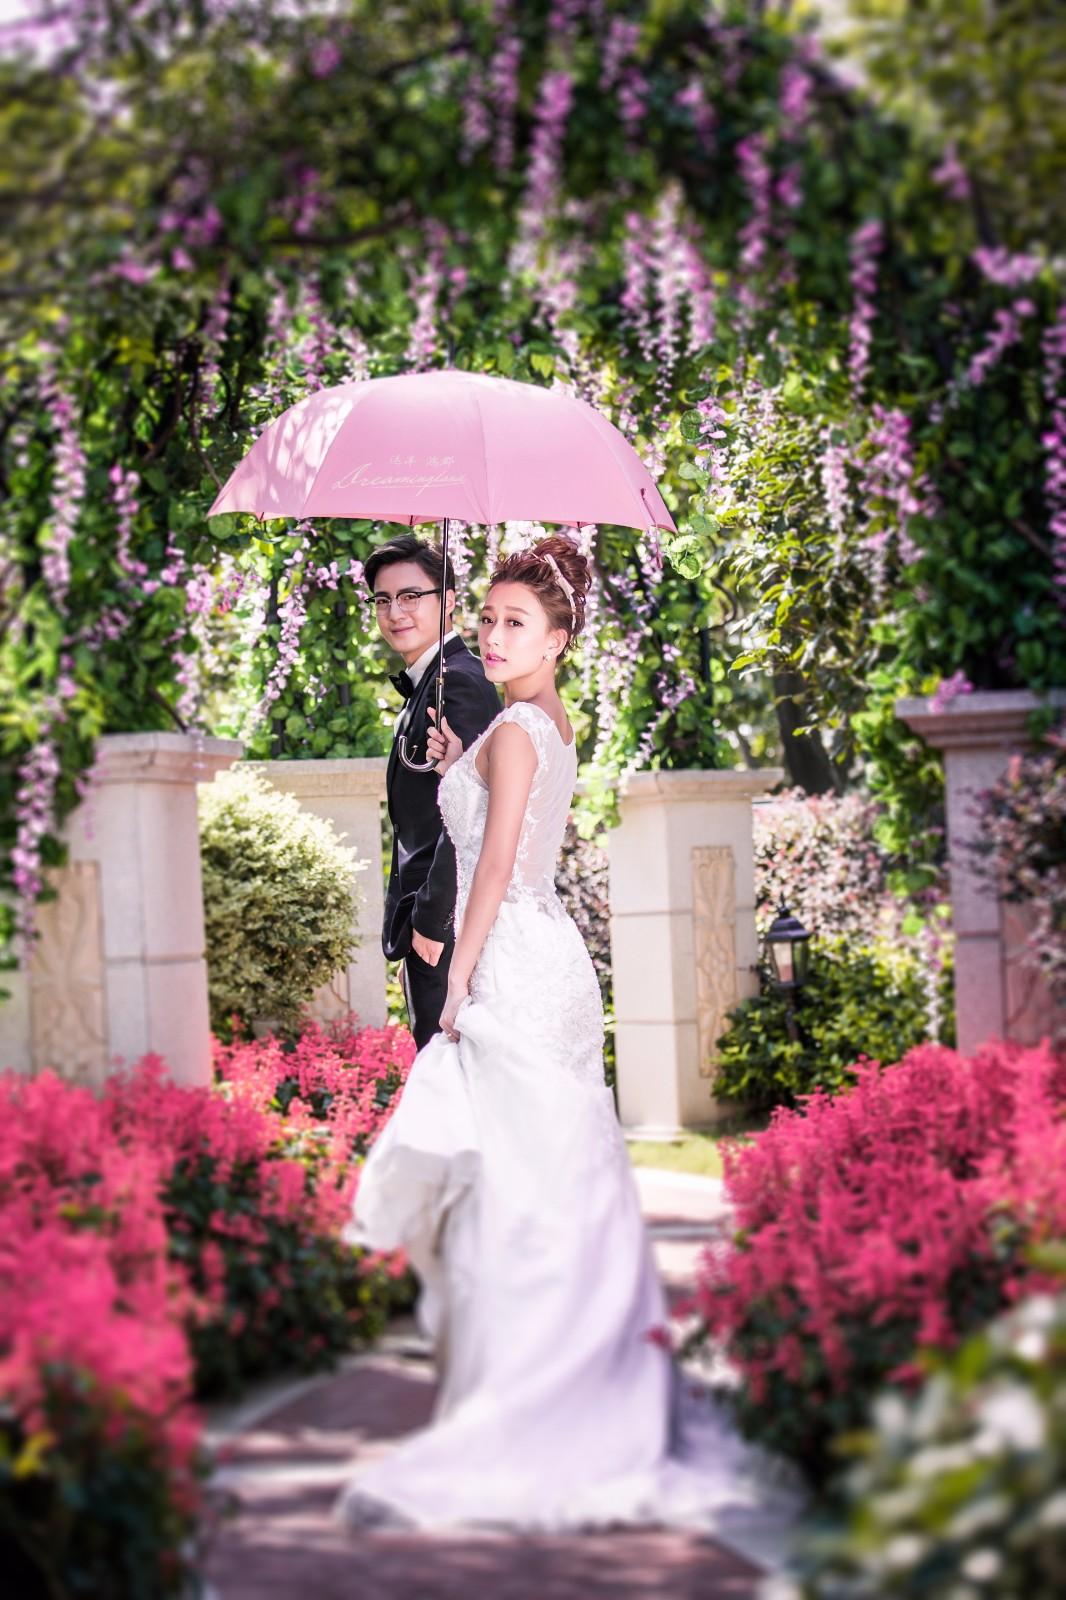 婚嫁准备的时候应该拟一份婚嫁清单